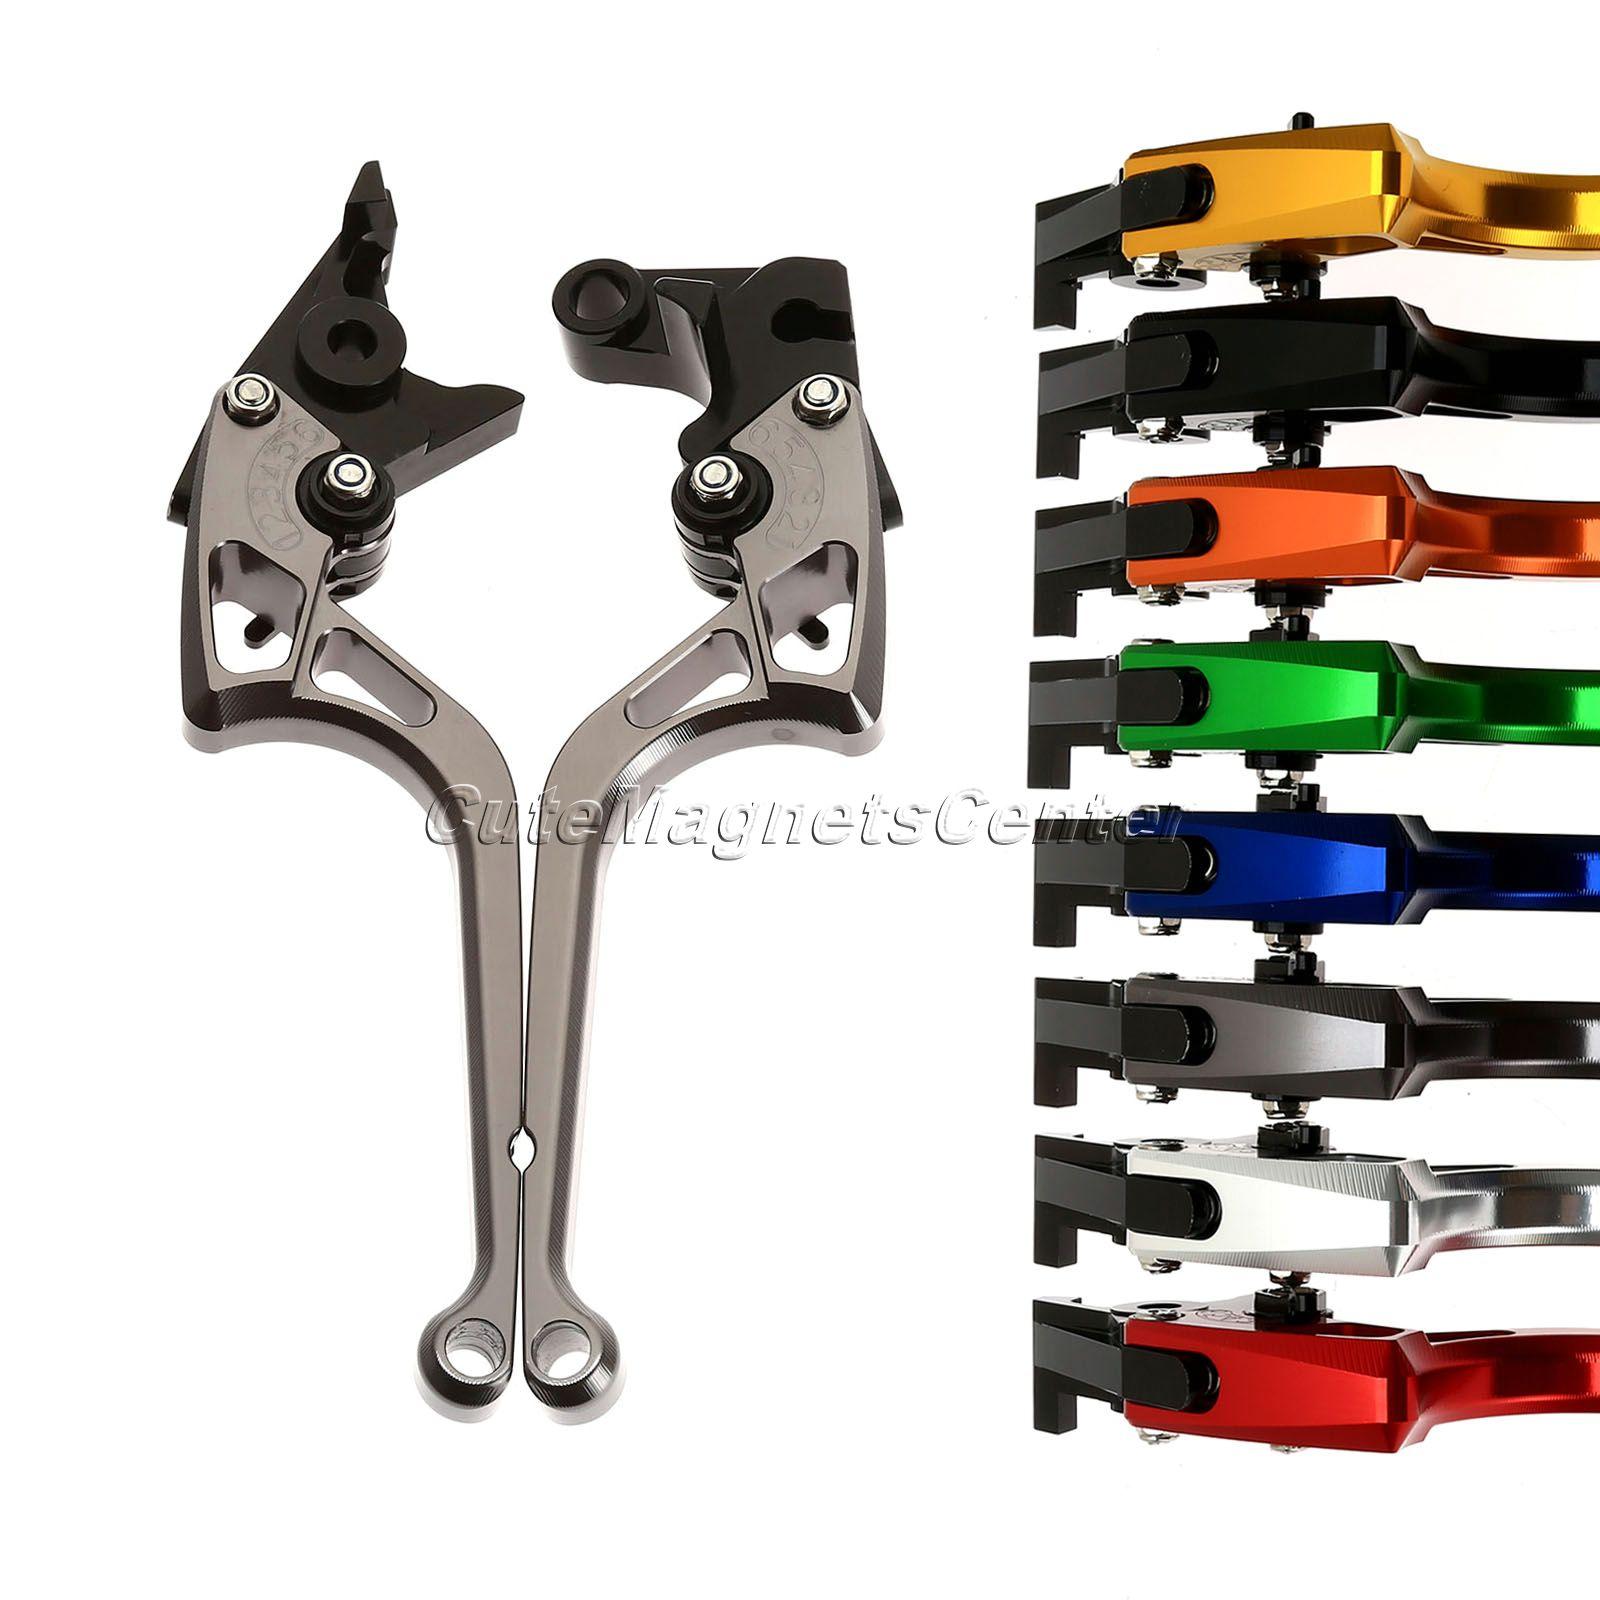 Adjustable Motorcycle CNC Aluminum Brakes Clutch Levers for Suzuki GSXR1000 2005-06 GSXR600 GSXR750 Motorbike Clutch Brake Lever cnc motorcycle brakes clutch levers for suzuki gsxr600 gsxr750 gsxr1000 gsxr 600 750 1000 2005 2006 2007 2008 2009 2010